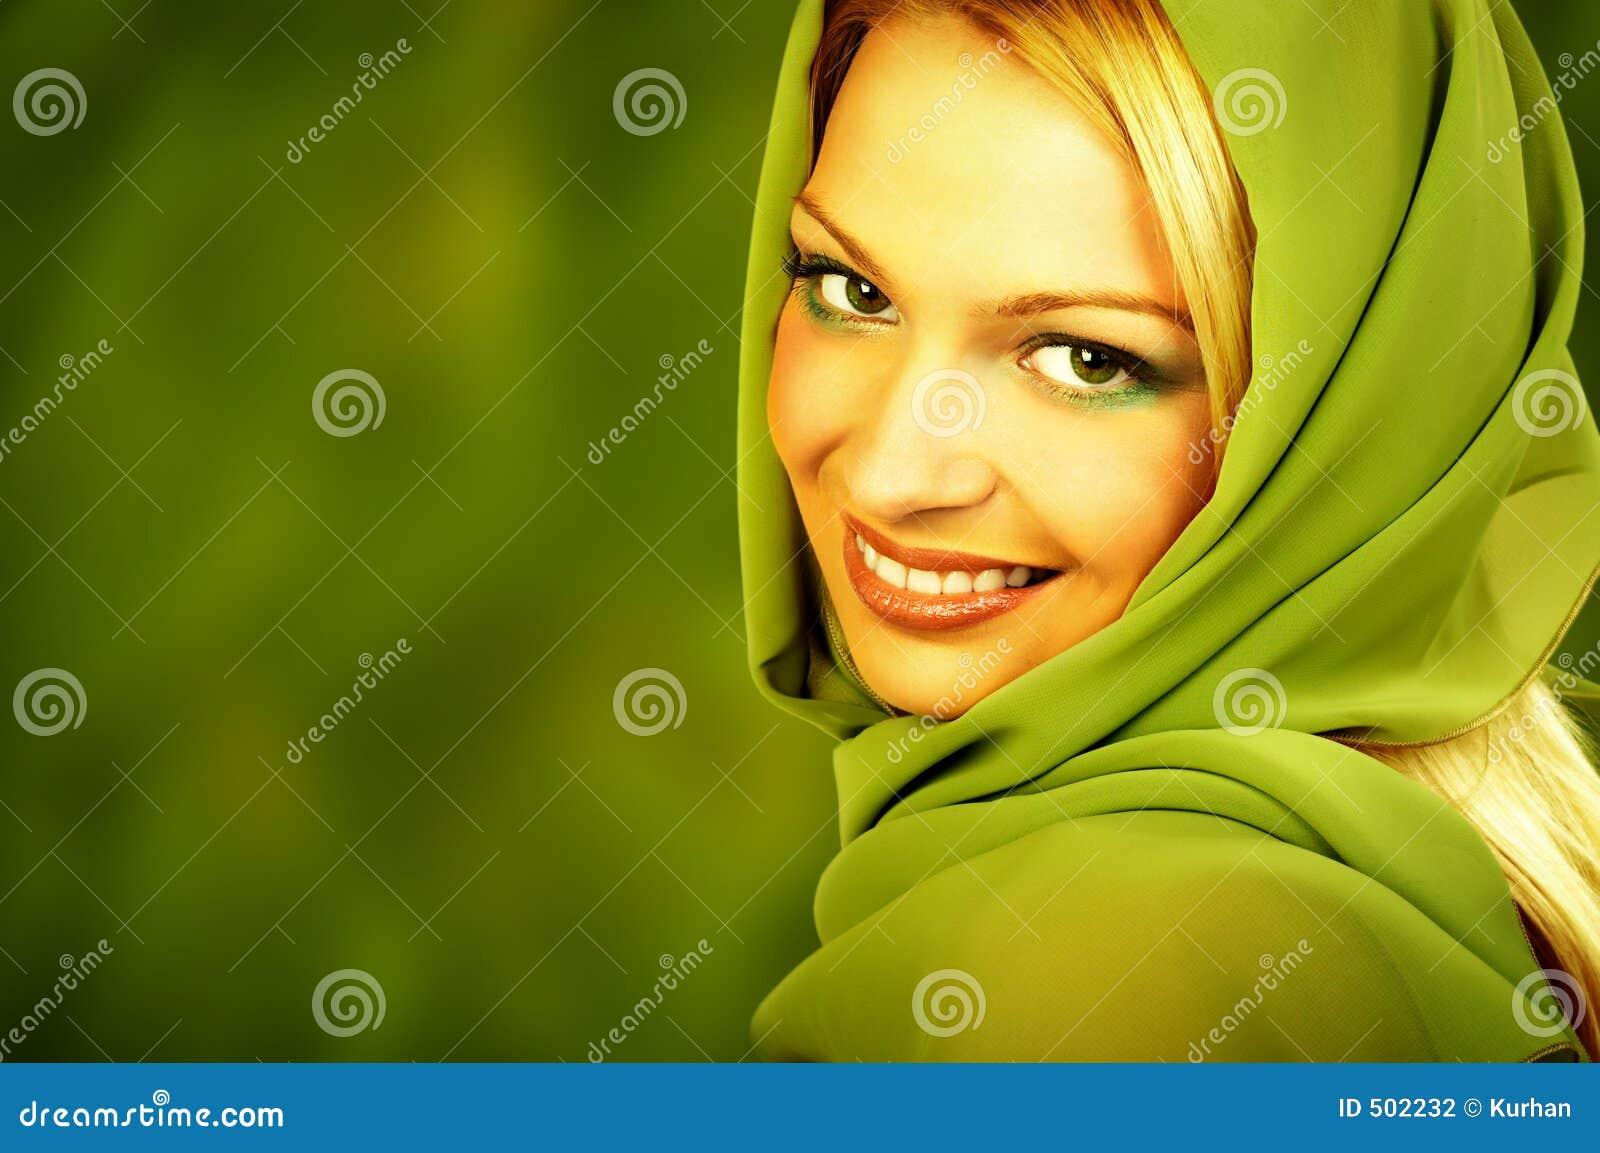 De natuurlijke groene vrouw van het kuuroord.